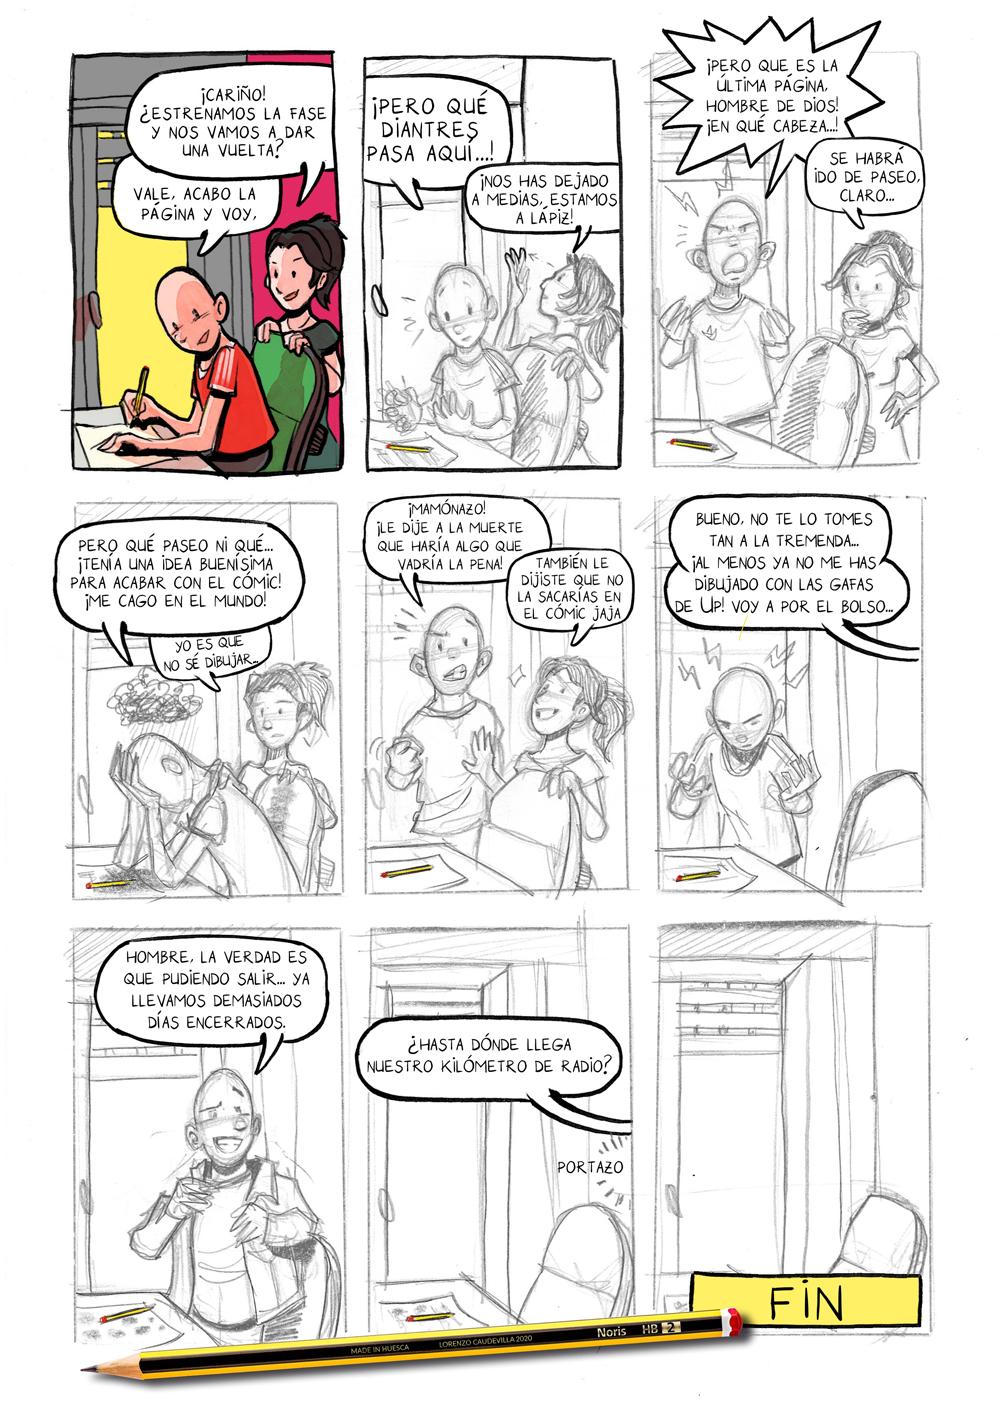 QUE COMIC ESTAS LEYENDO? - Página 4 Final-10